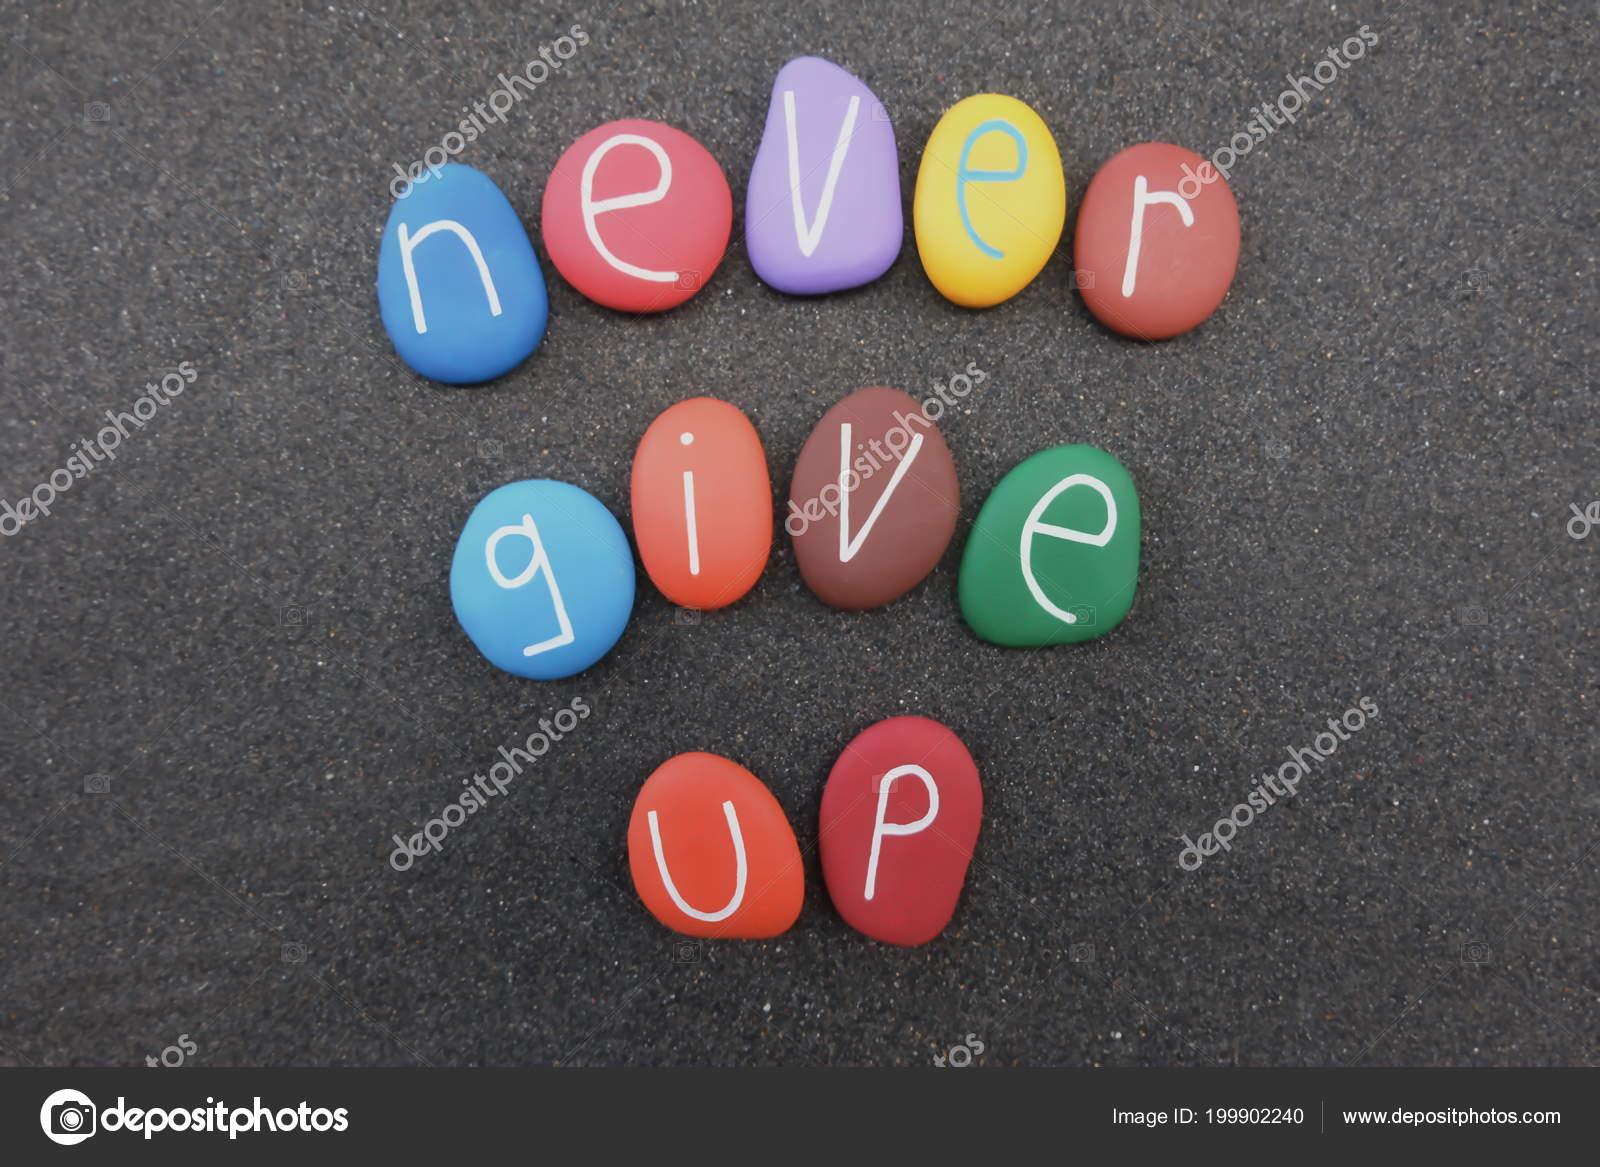 Nunca Desistir Mensagem Motivacional Com Texto Pedras